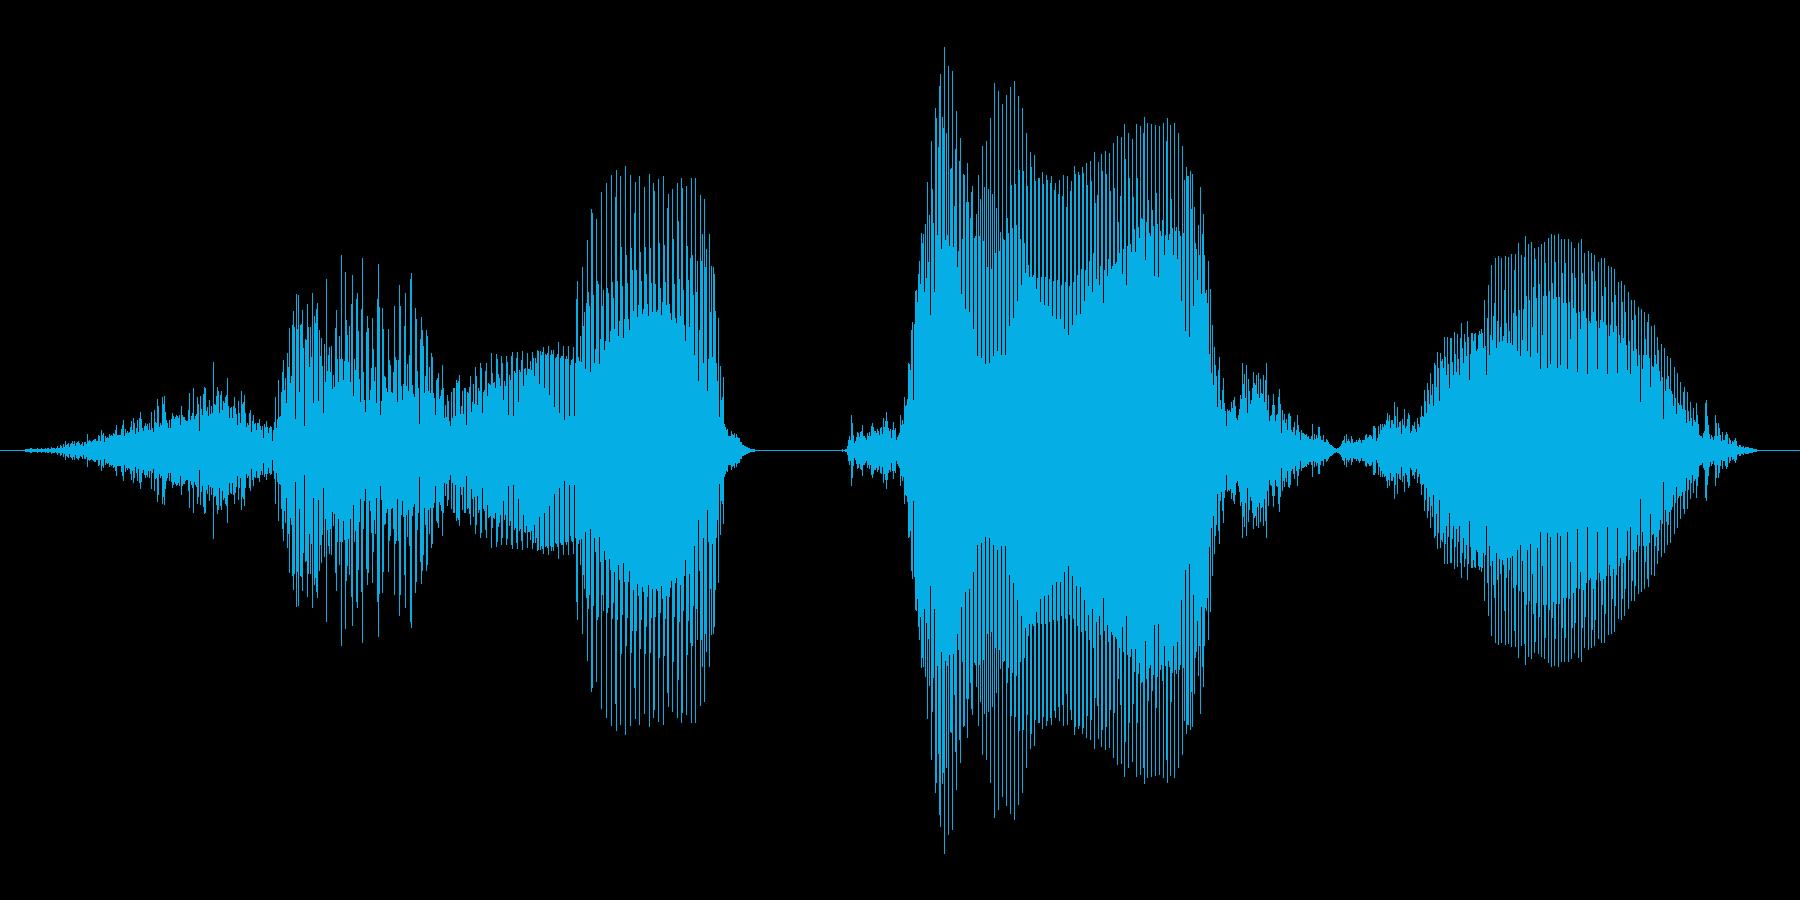 その調子!1【ロリキャラの褒めボイス】の再生済みの波形